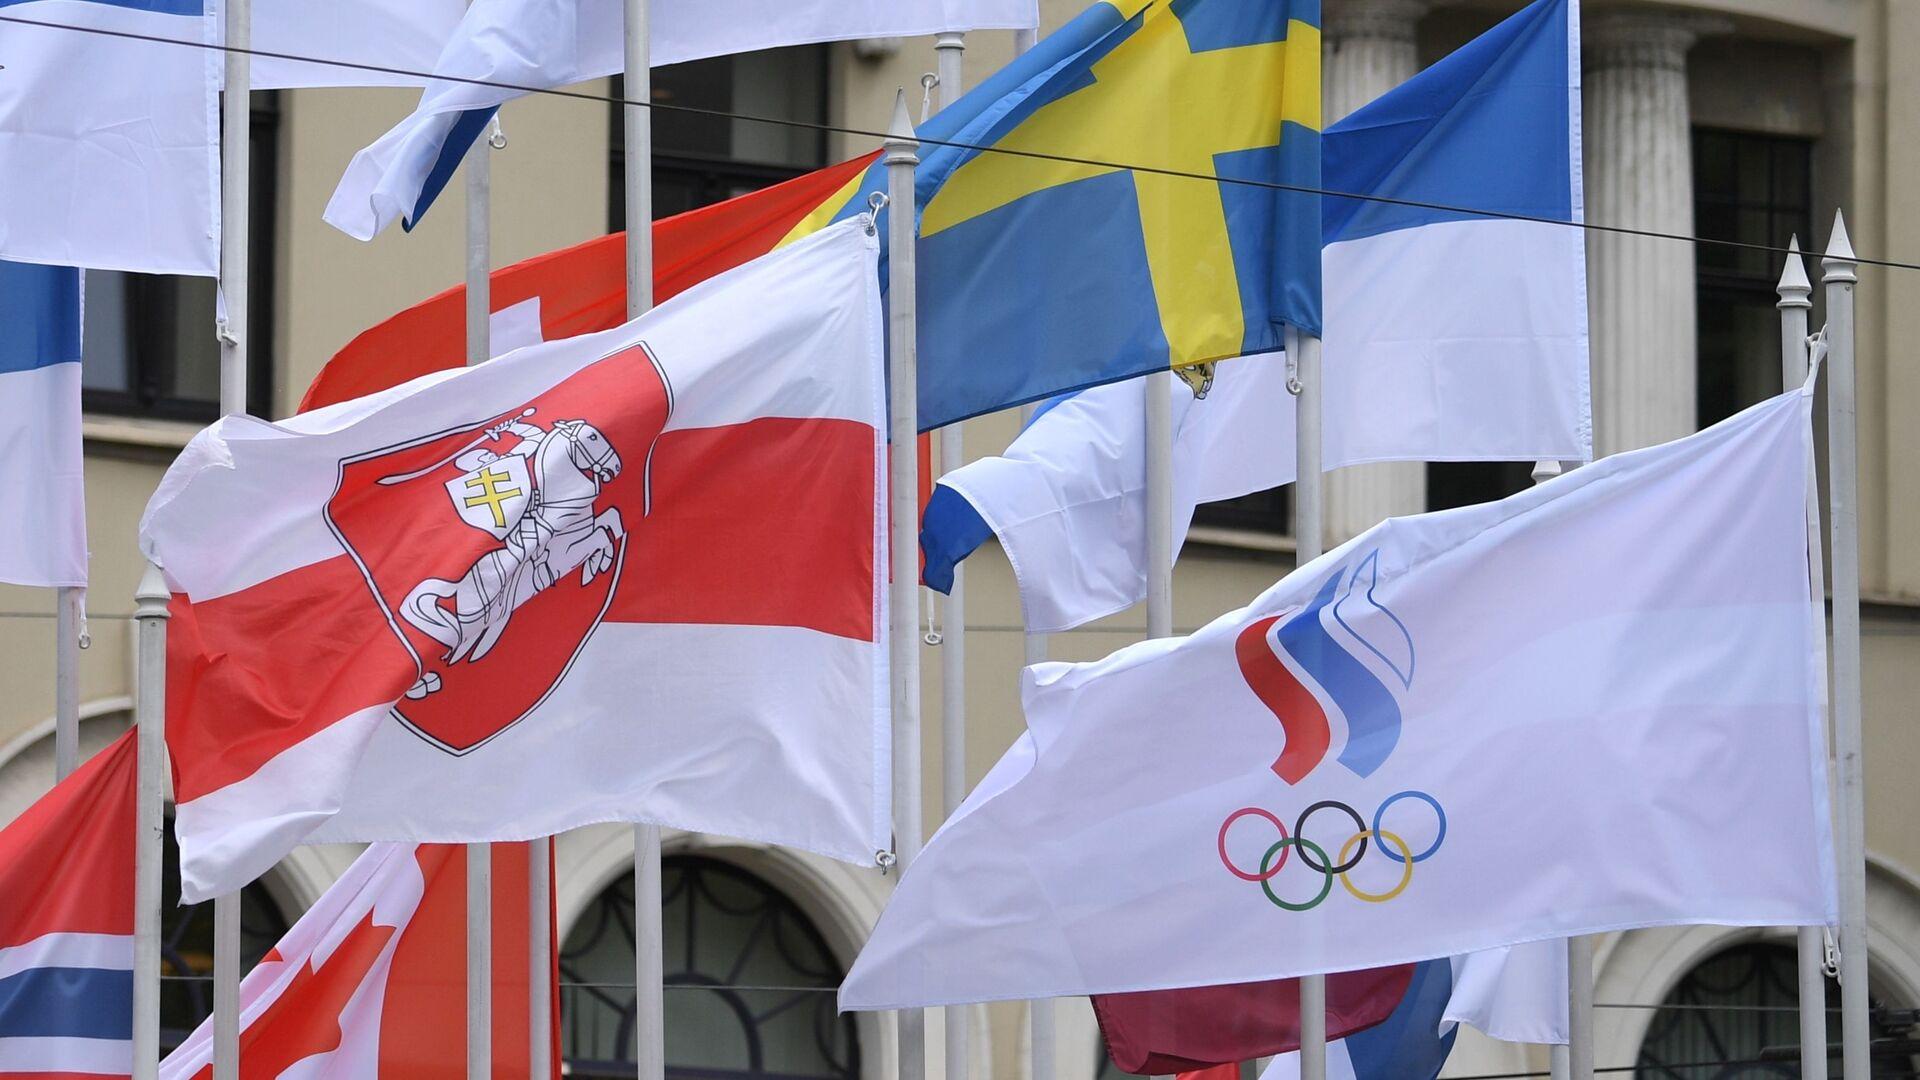 Vlajka běloruské opozice na mistrovství světa v ledním hokeji v Rize - Sputnik Česká republika, 1920, 25.05.2021